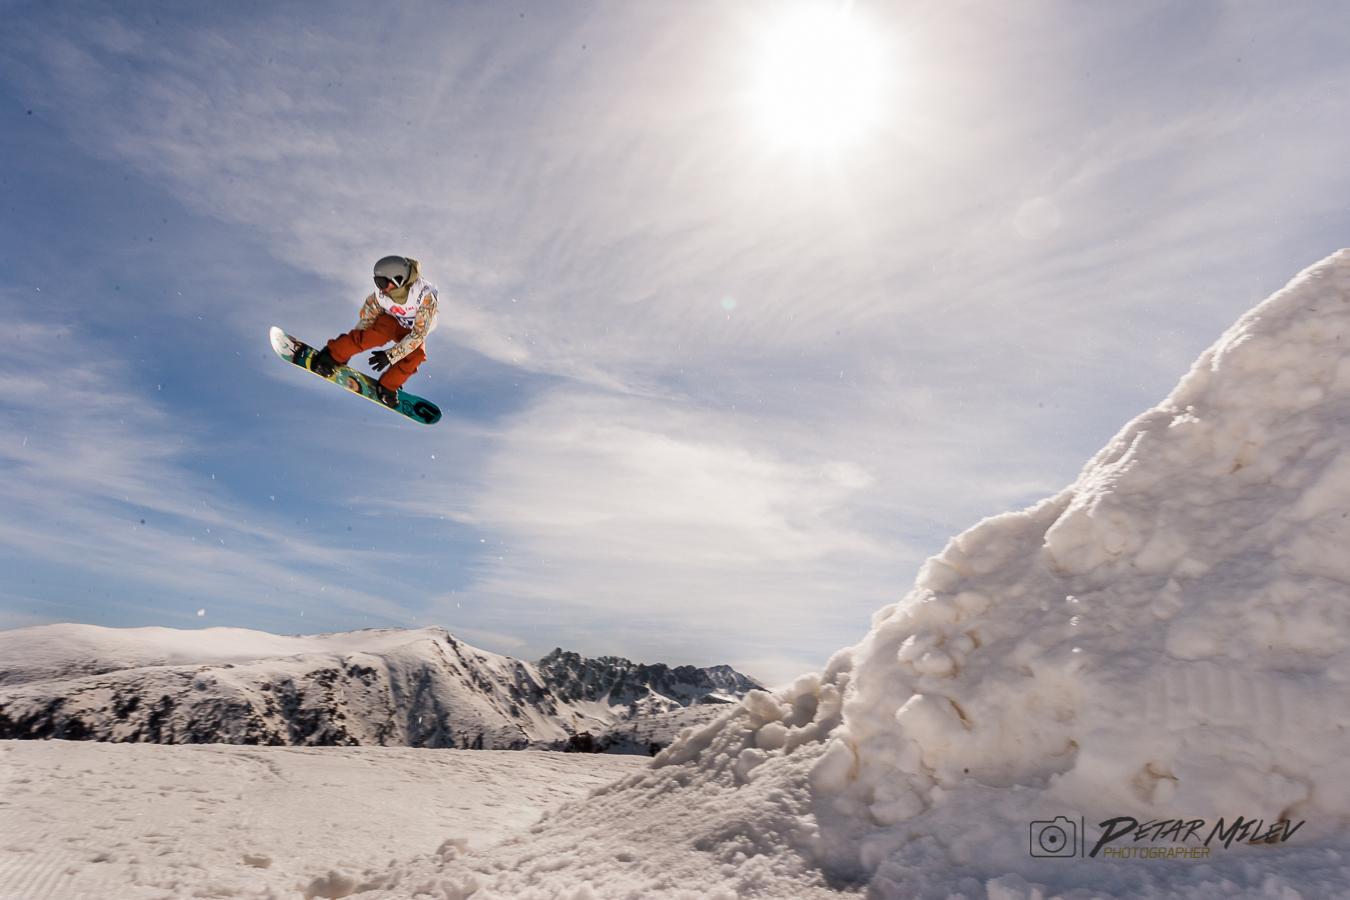 Petar Gyosharkov freestyle snowboarding slopestyle